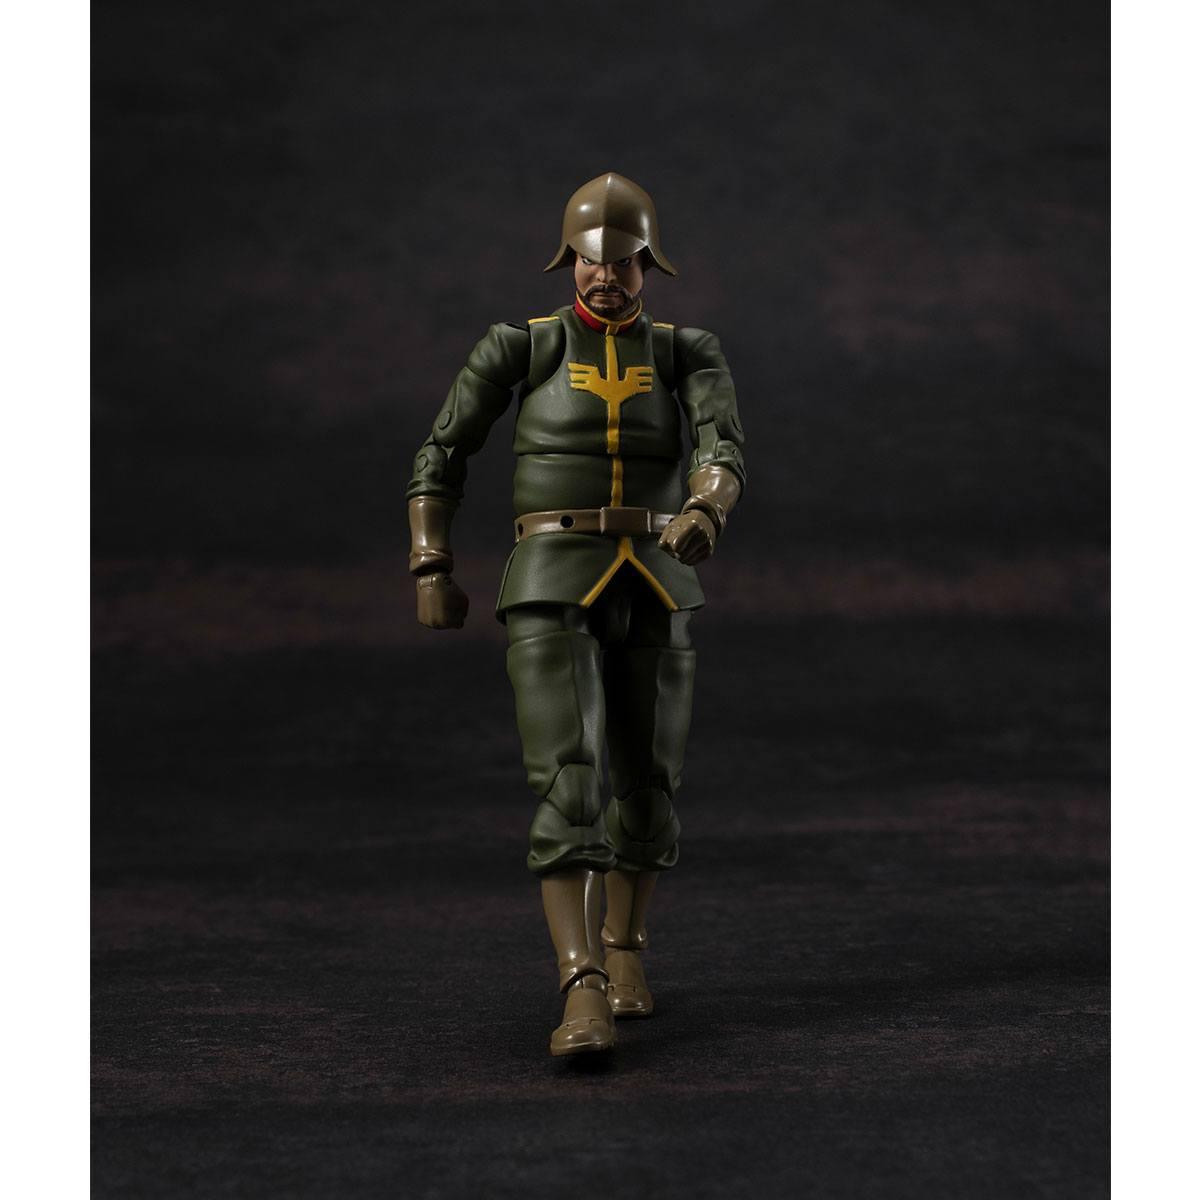 Photo du produit MOBILE SUIT GUNDAM FIGURINE G.M.G. PRINCIPALITY OF ZEON ARMY SOLDIER 02 10 CM